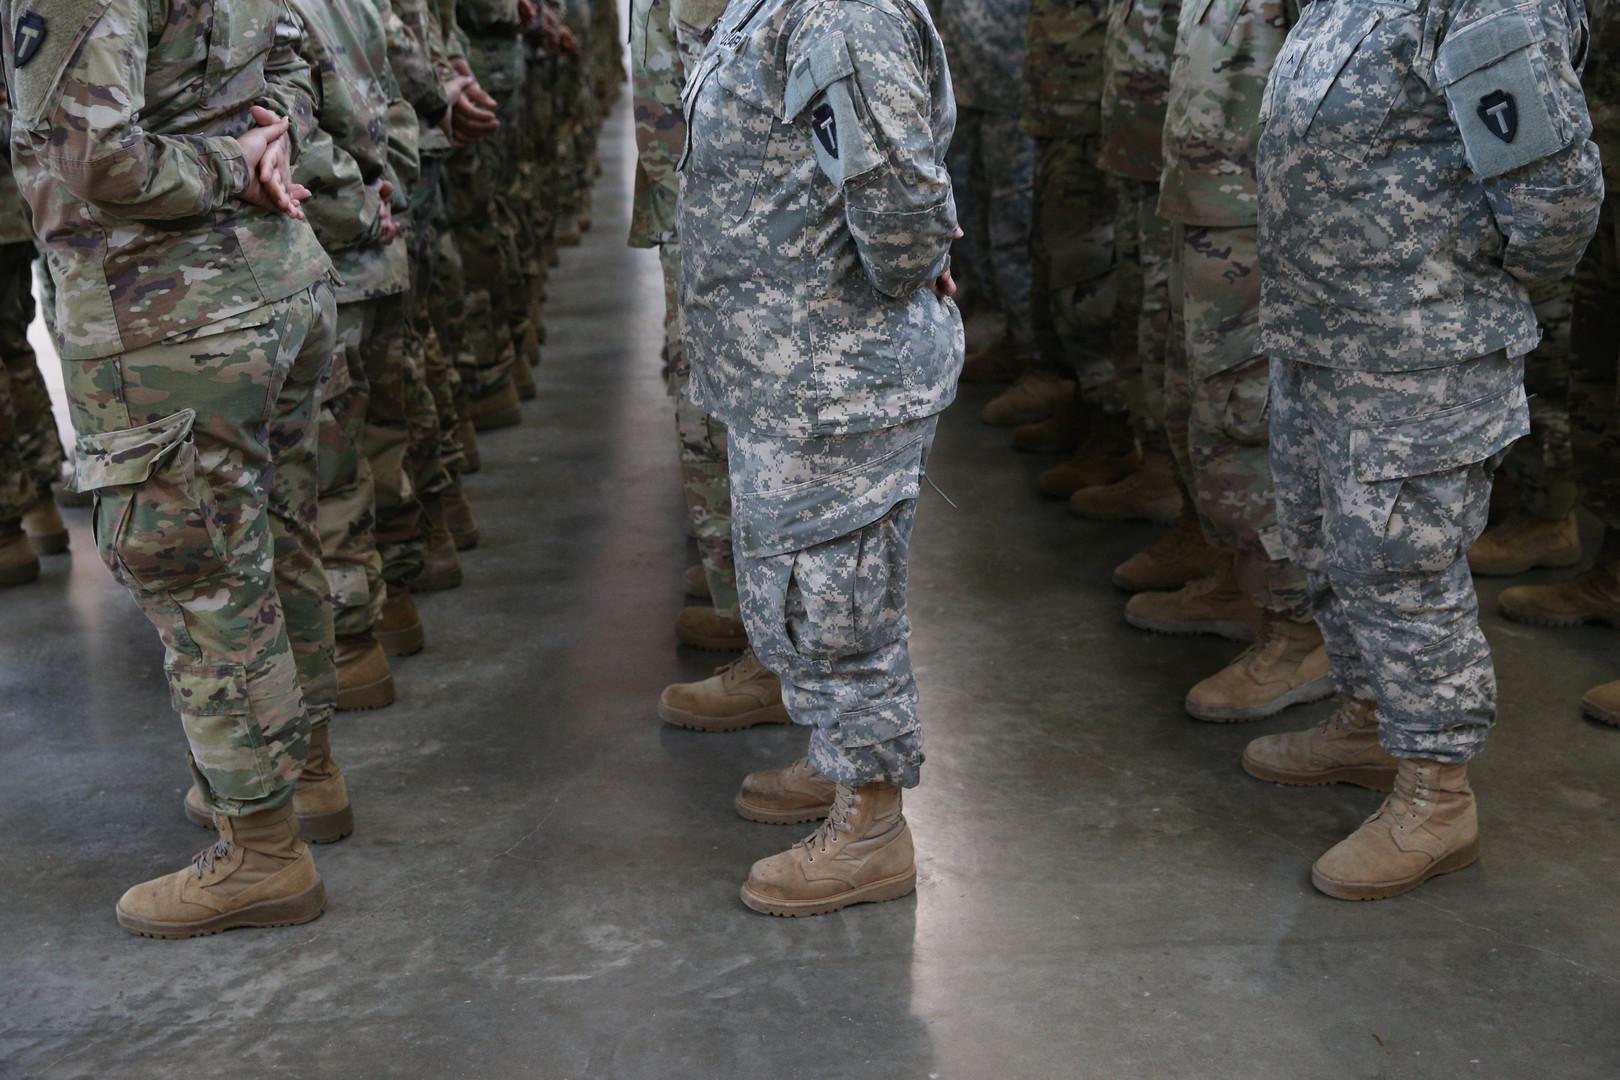 البنتاغون يرسل عناصر من الحرس الوطني إلى الشرق الأوسط